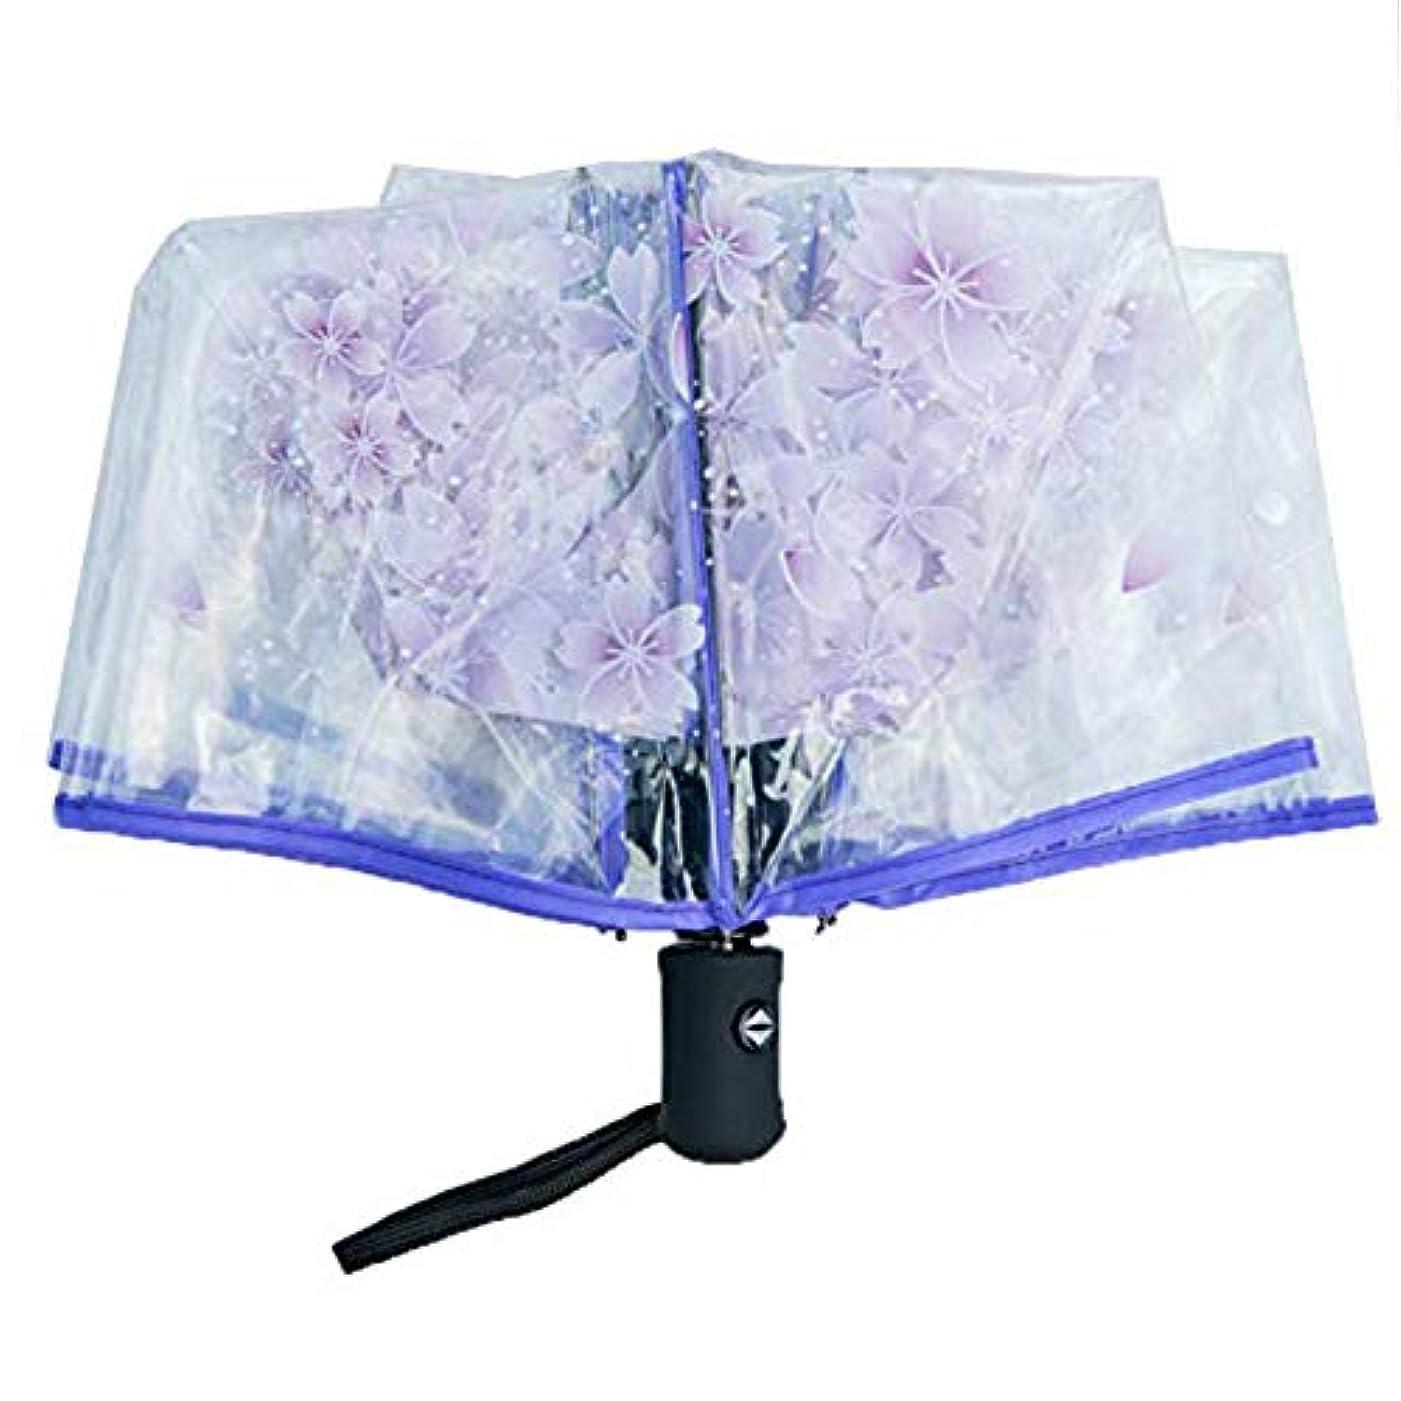 刈り取る沿って粒子超軽量 折りたたみ 日傘 小型 完全遮光 UVカット率99% コンパクト 耐風 撥水 携帯しやすい 晴雨両用 ミニ傘 耐強風 収納袋付き 携帯便利 男女兼用 (パープル)